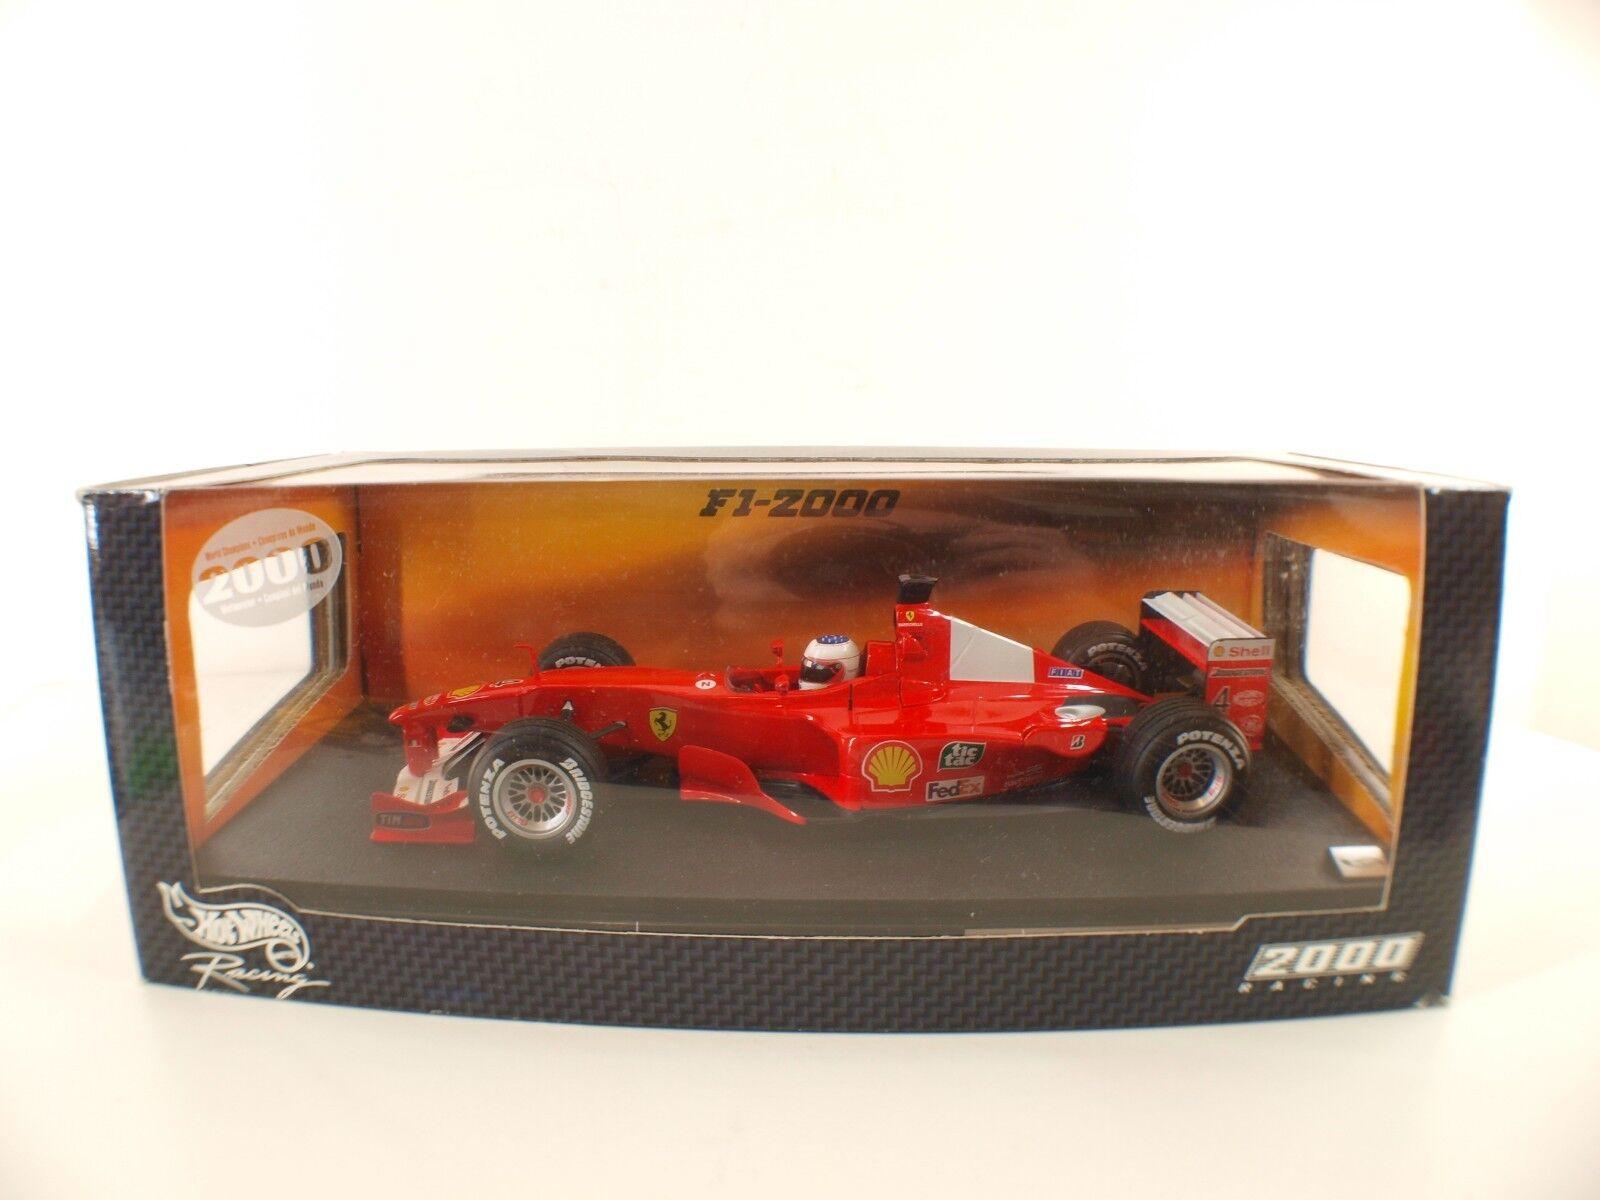 Mattel Hot Wheels n° 26738 F1 2000 2000 2000 Ferrari #4 Rubens Barichello 1/18  MIB neuf e658f7